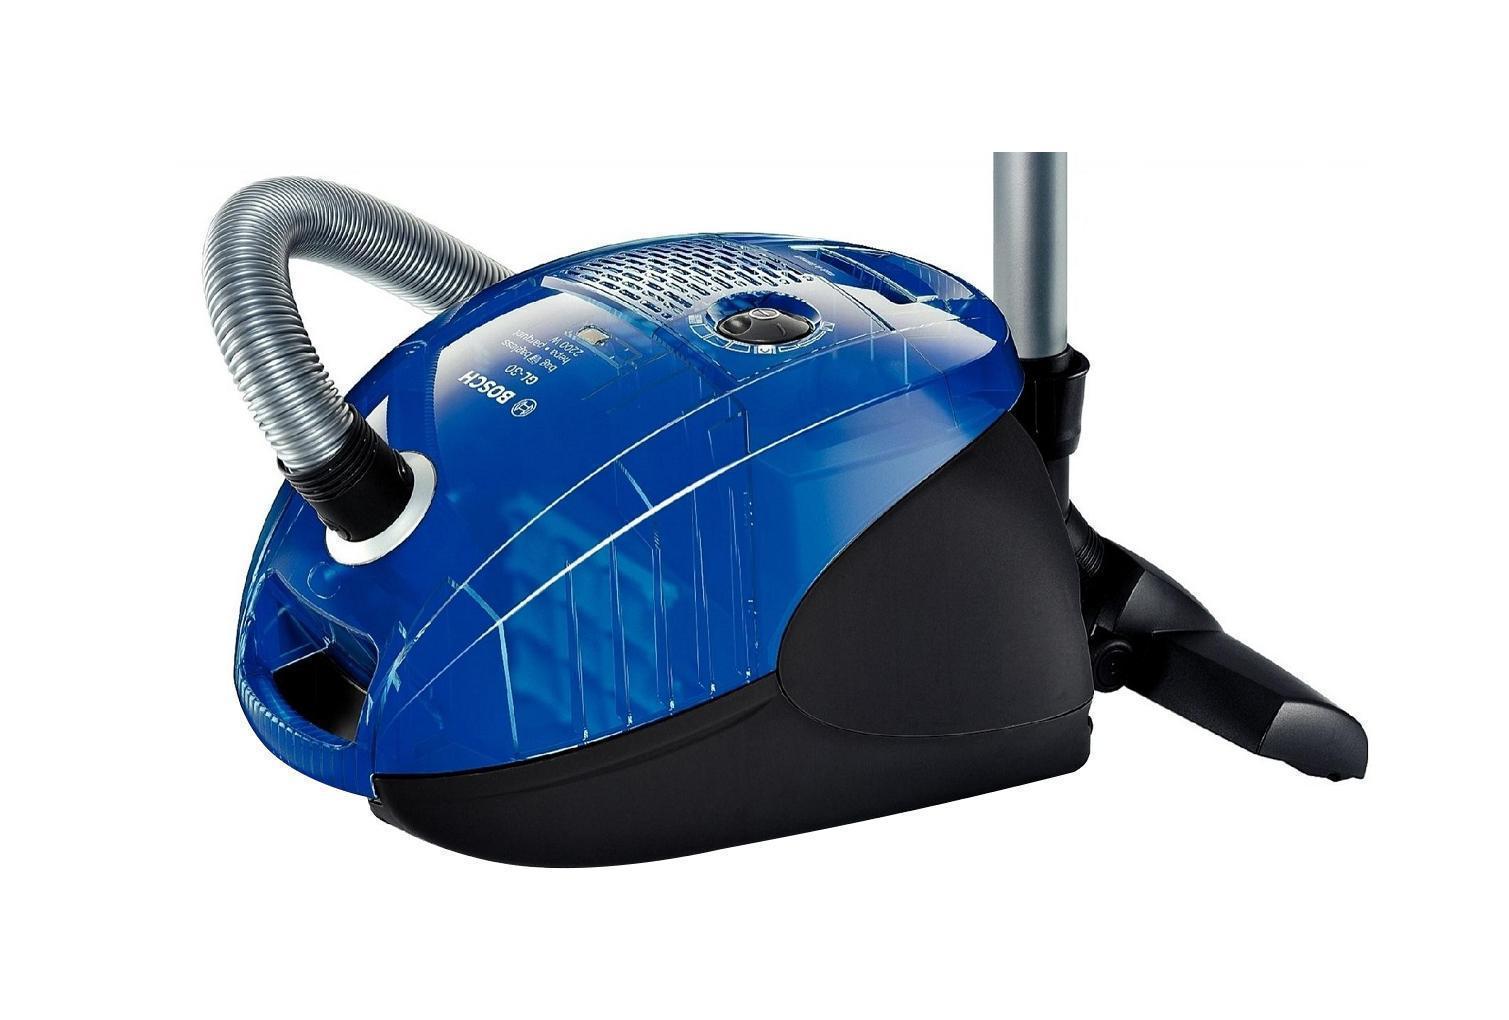 Bosch BSGL32383BSGL32383Создать идеальный пылесос, который понравится абсолютно каждому человеку и органично впишется в любой дом, невозможно. Слишком разные у нас потребности и квартиры... Но отчаиваться рано. Bosch представляет вашему вниманию несколько серий пылесосов. Пылесосы Bosch отличаются дизайном, оснащением и размерами. Но существует нечто неизменное, сопутствующее каждому из них, — безупречное качество. Пылесосы Bosch устанавливают новые стандарты гигиены с помощью безупречных систем фильтрации, достигают невиданной мощности в своей работе, дарят вам неповторимое ощущение свободы день за днем долгие годы.